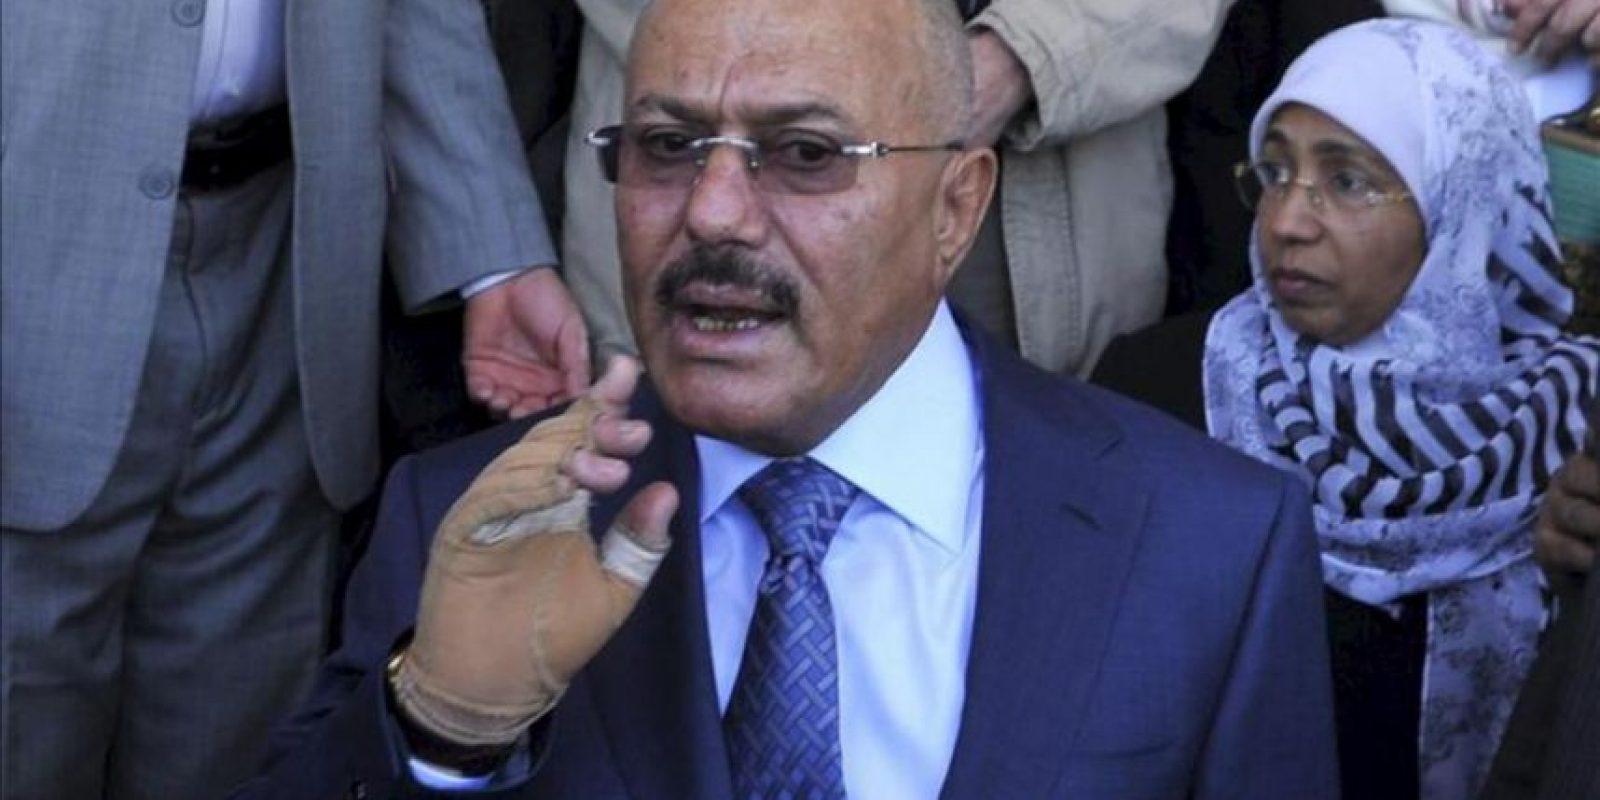 El expresidente yemení, Ali Abdullah Saleh, asiste a una manifestación convocada por sus seguidores seguidores con motivo del primer aniversario de su derrocamiento hace un año en Saná (Yemen). EFE